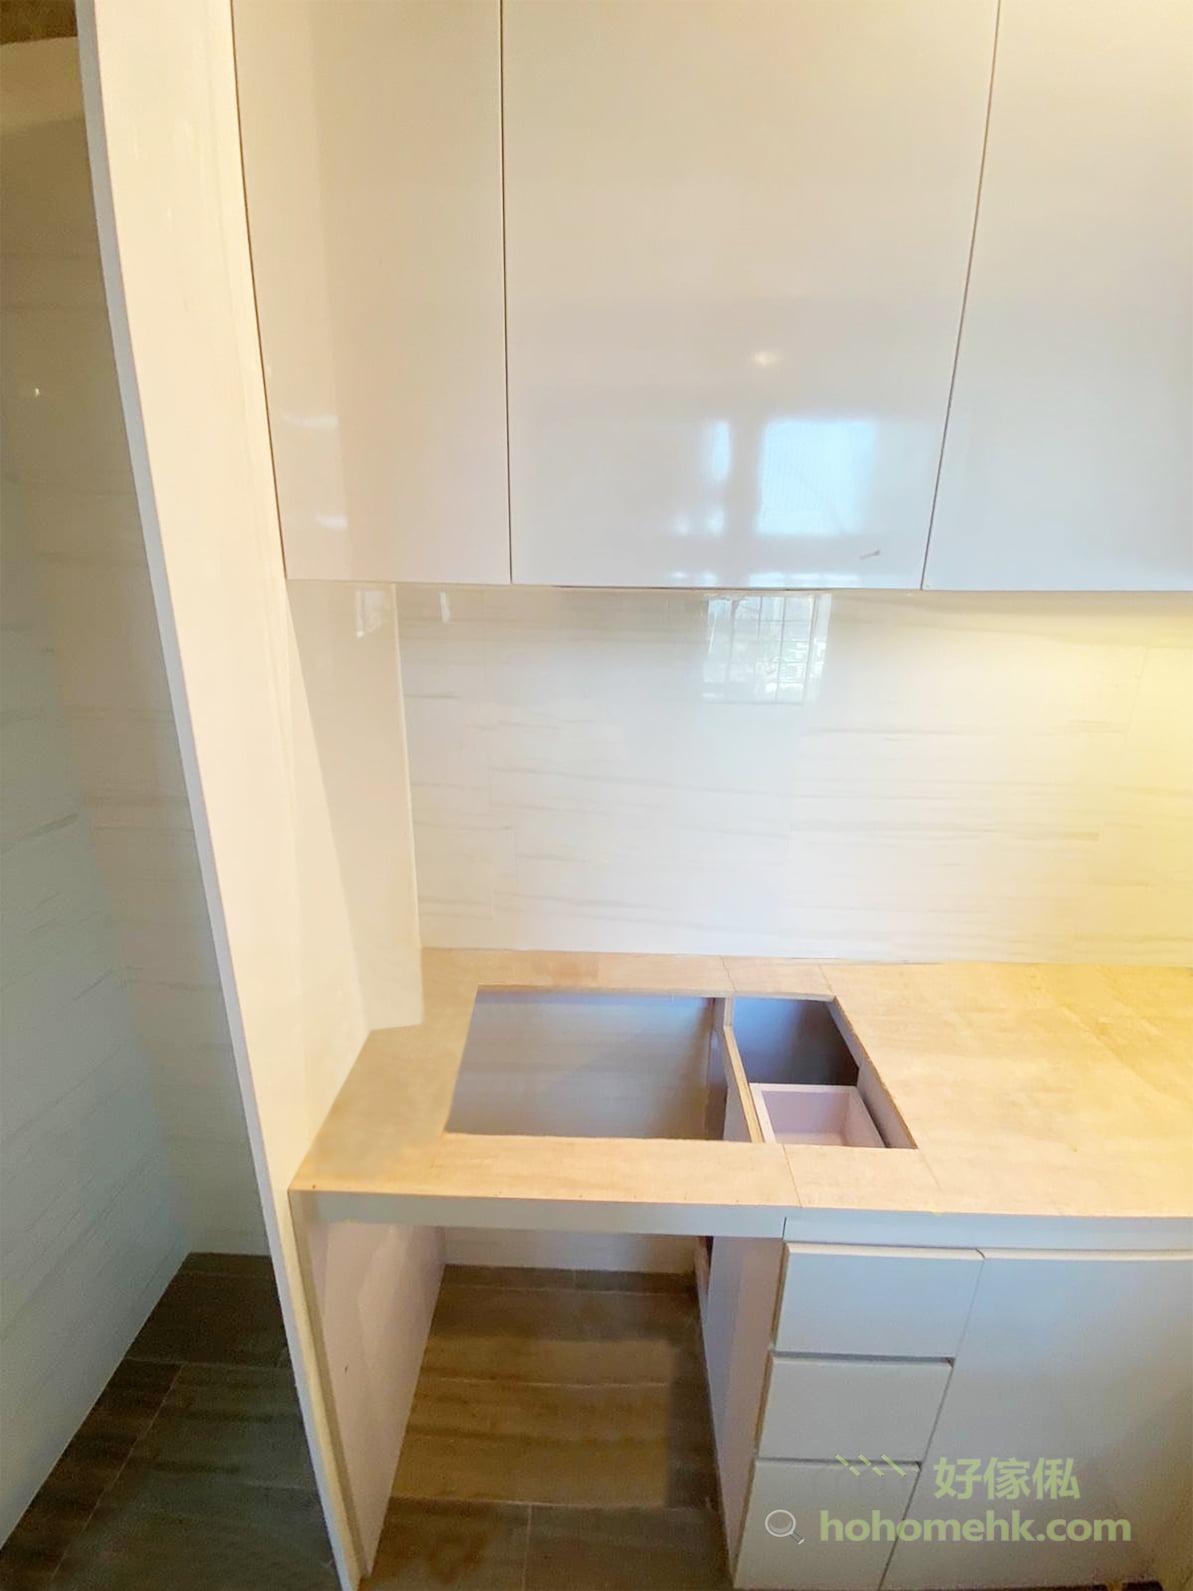 光面的廚櫃櫃門,容易打理,用抹布清潔便可;淺灰色櫃門有放大視覺空間的效果,但又不會過份刺眼,充滿現代感